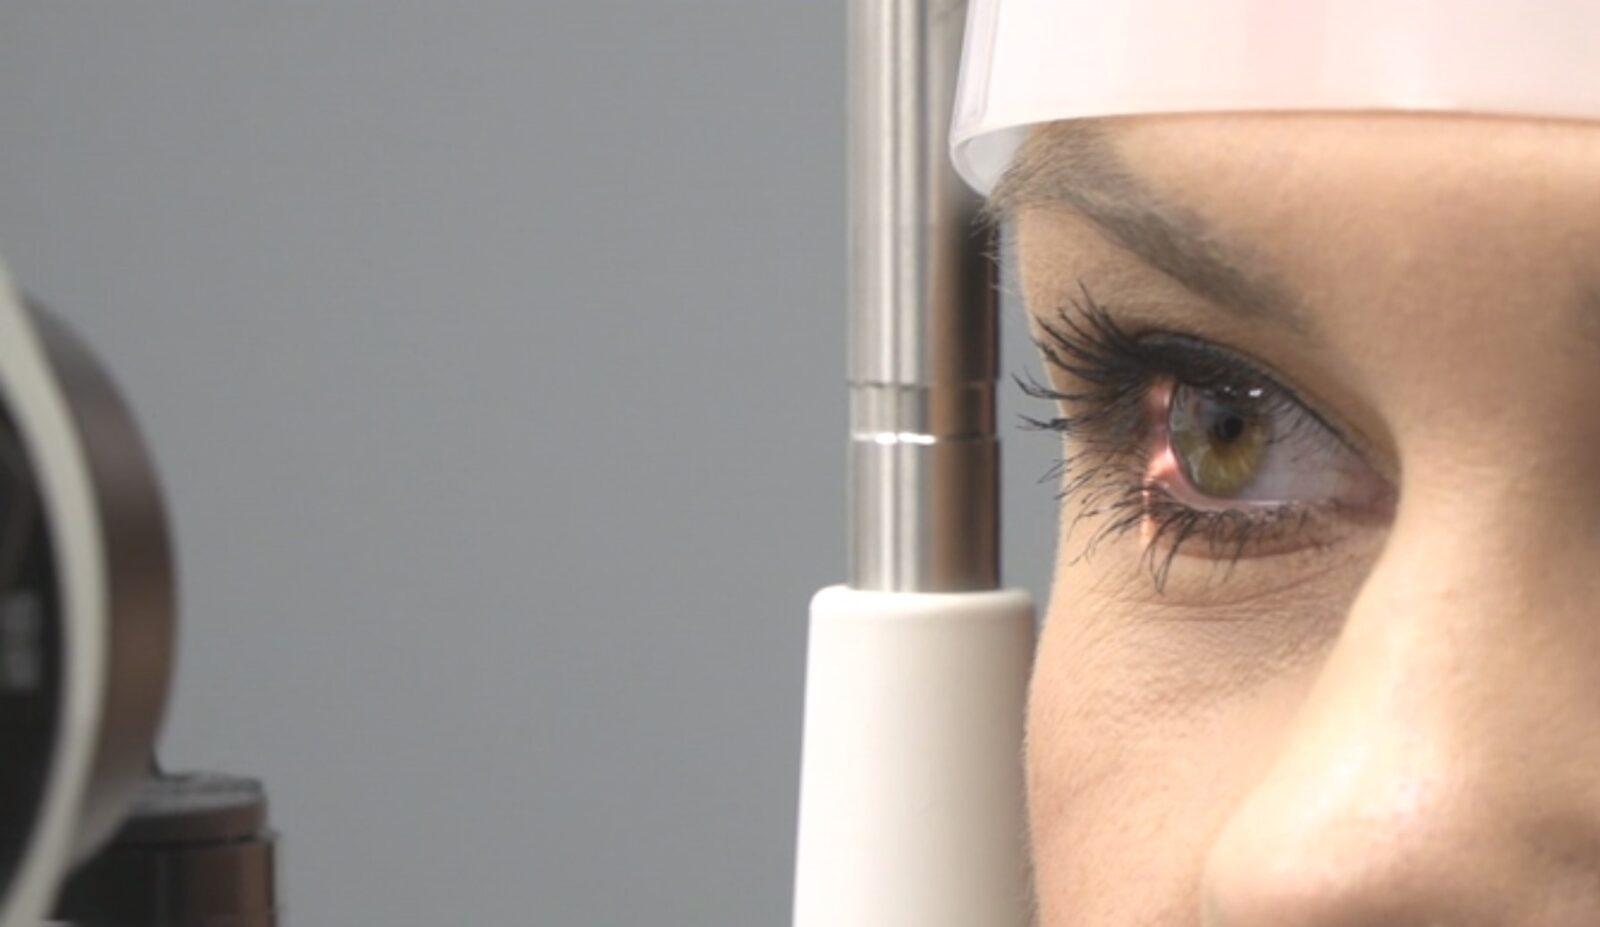 Naukowcy częściowo przywrócili wzrok niewidomemu mężczyźnie. Optogenetyka to rewolucja w leczeniu genetycznej utraty widzenia